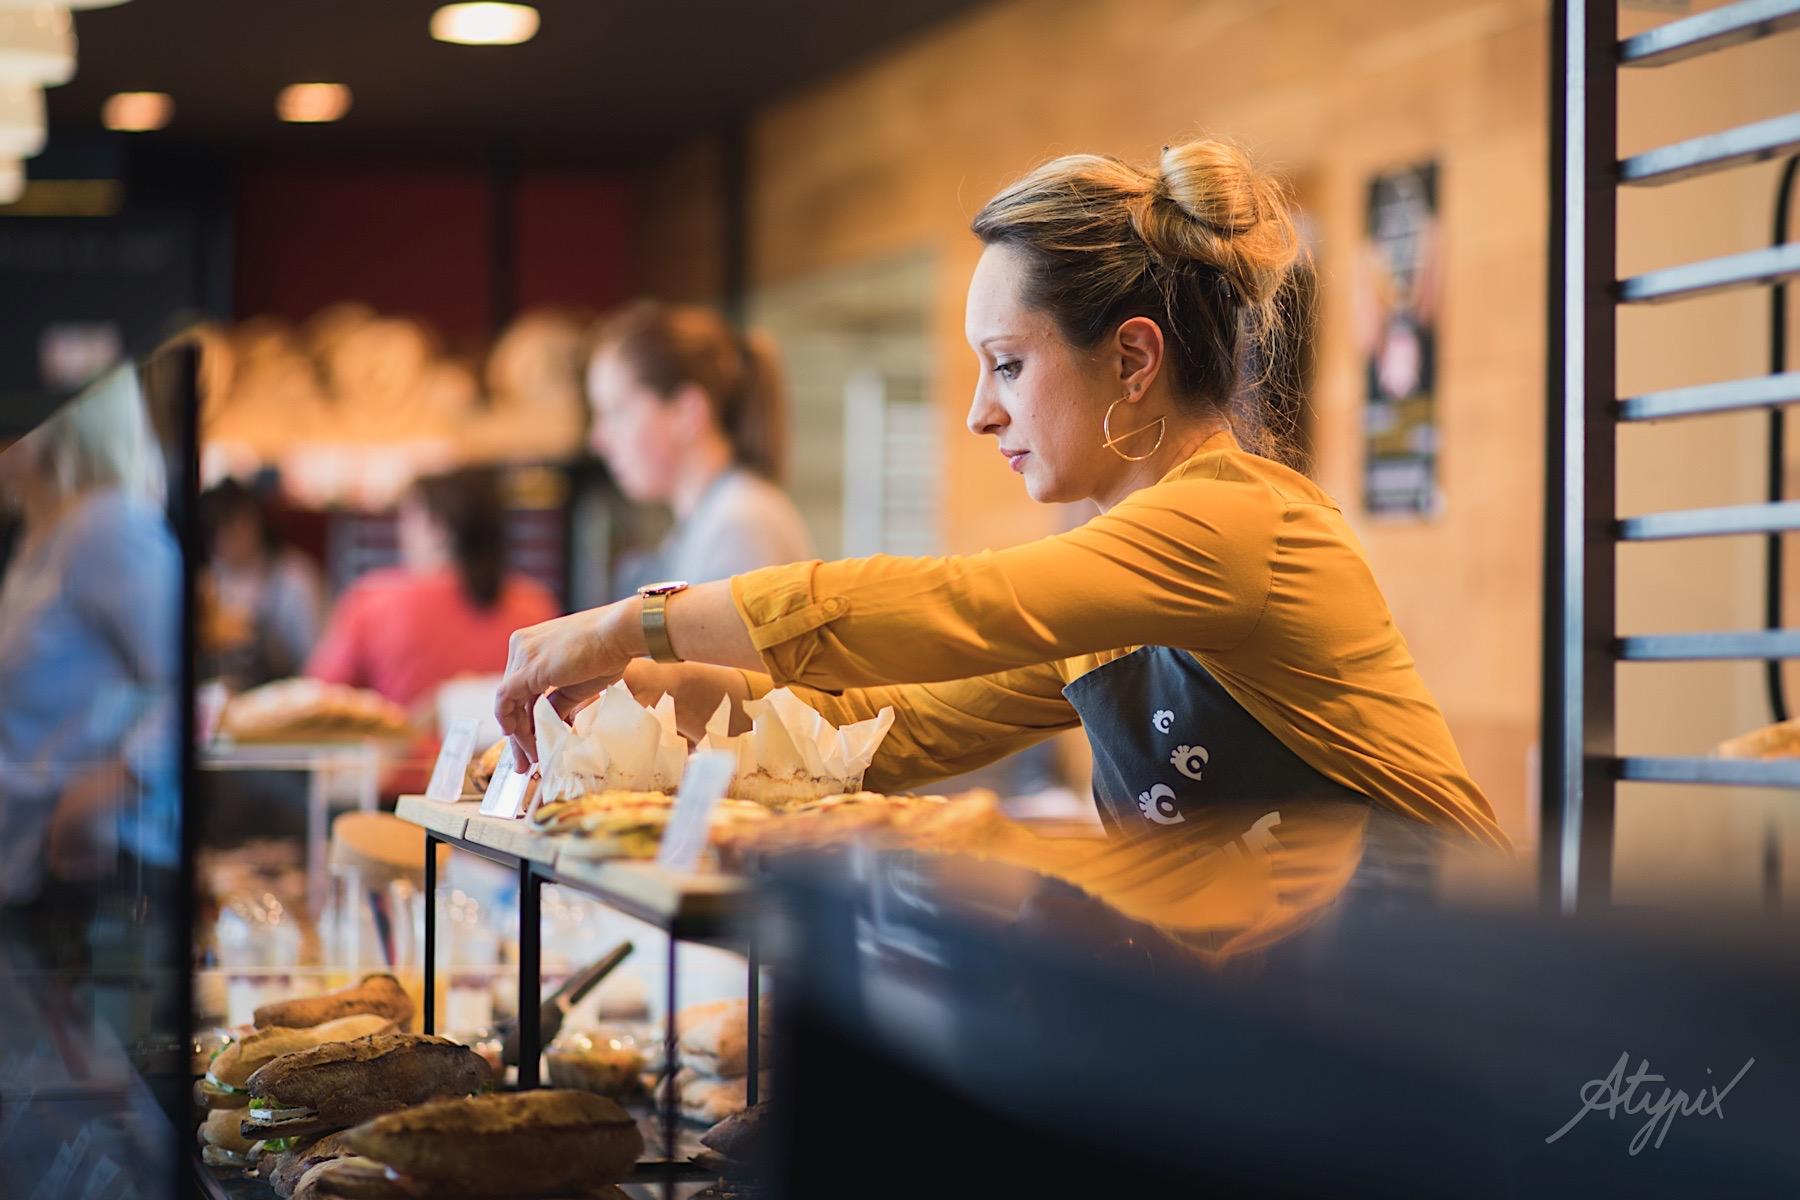 photographe boutique boulangerie